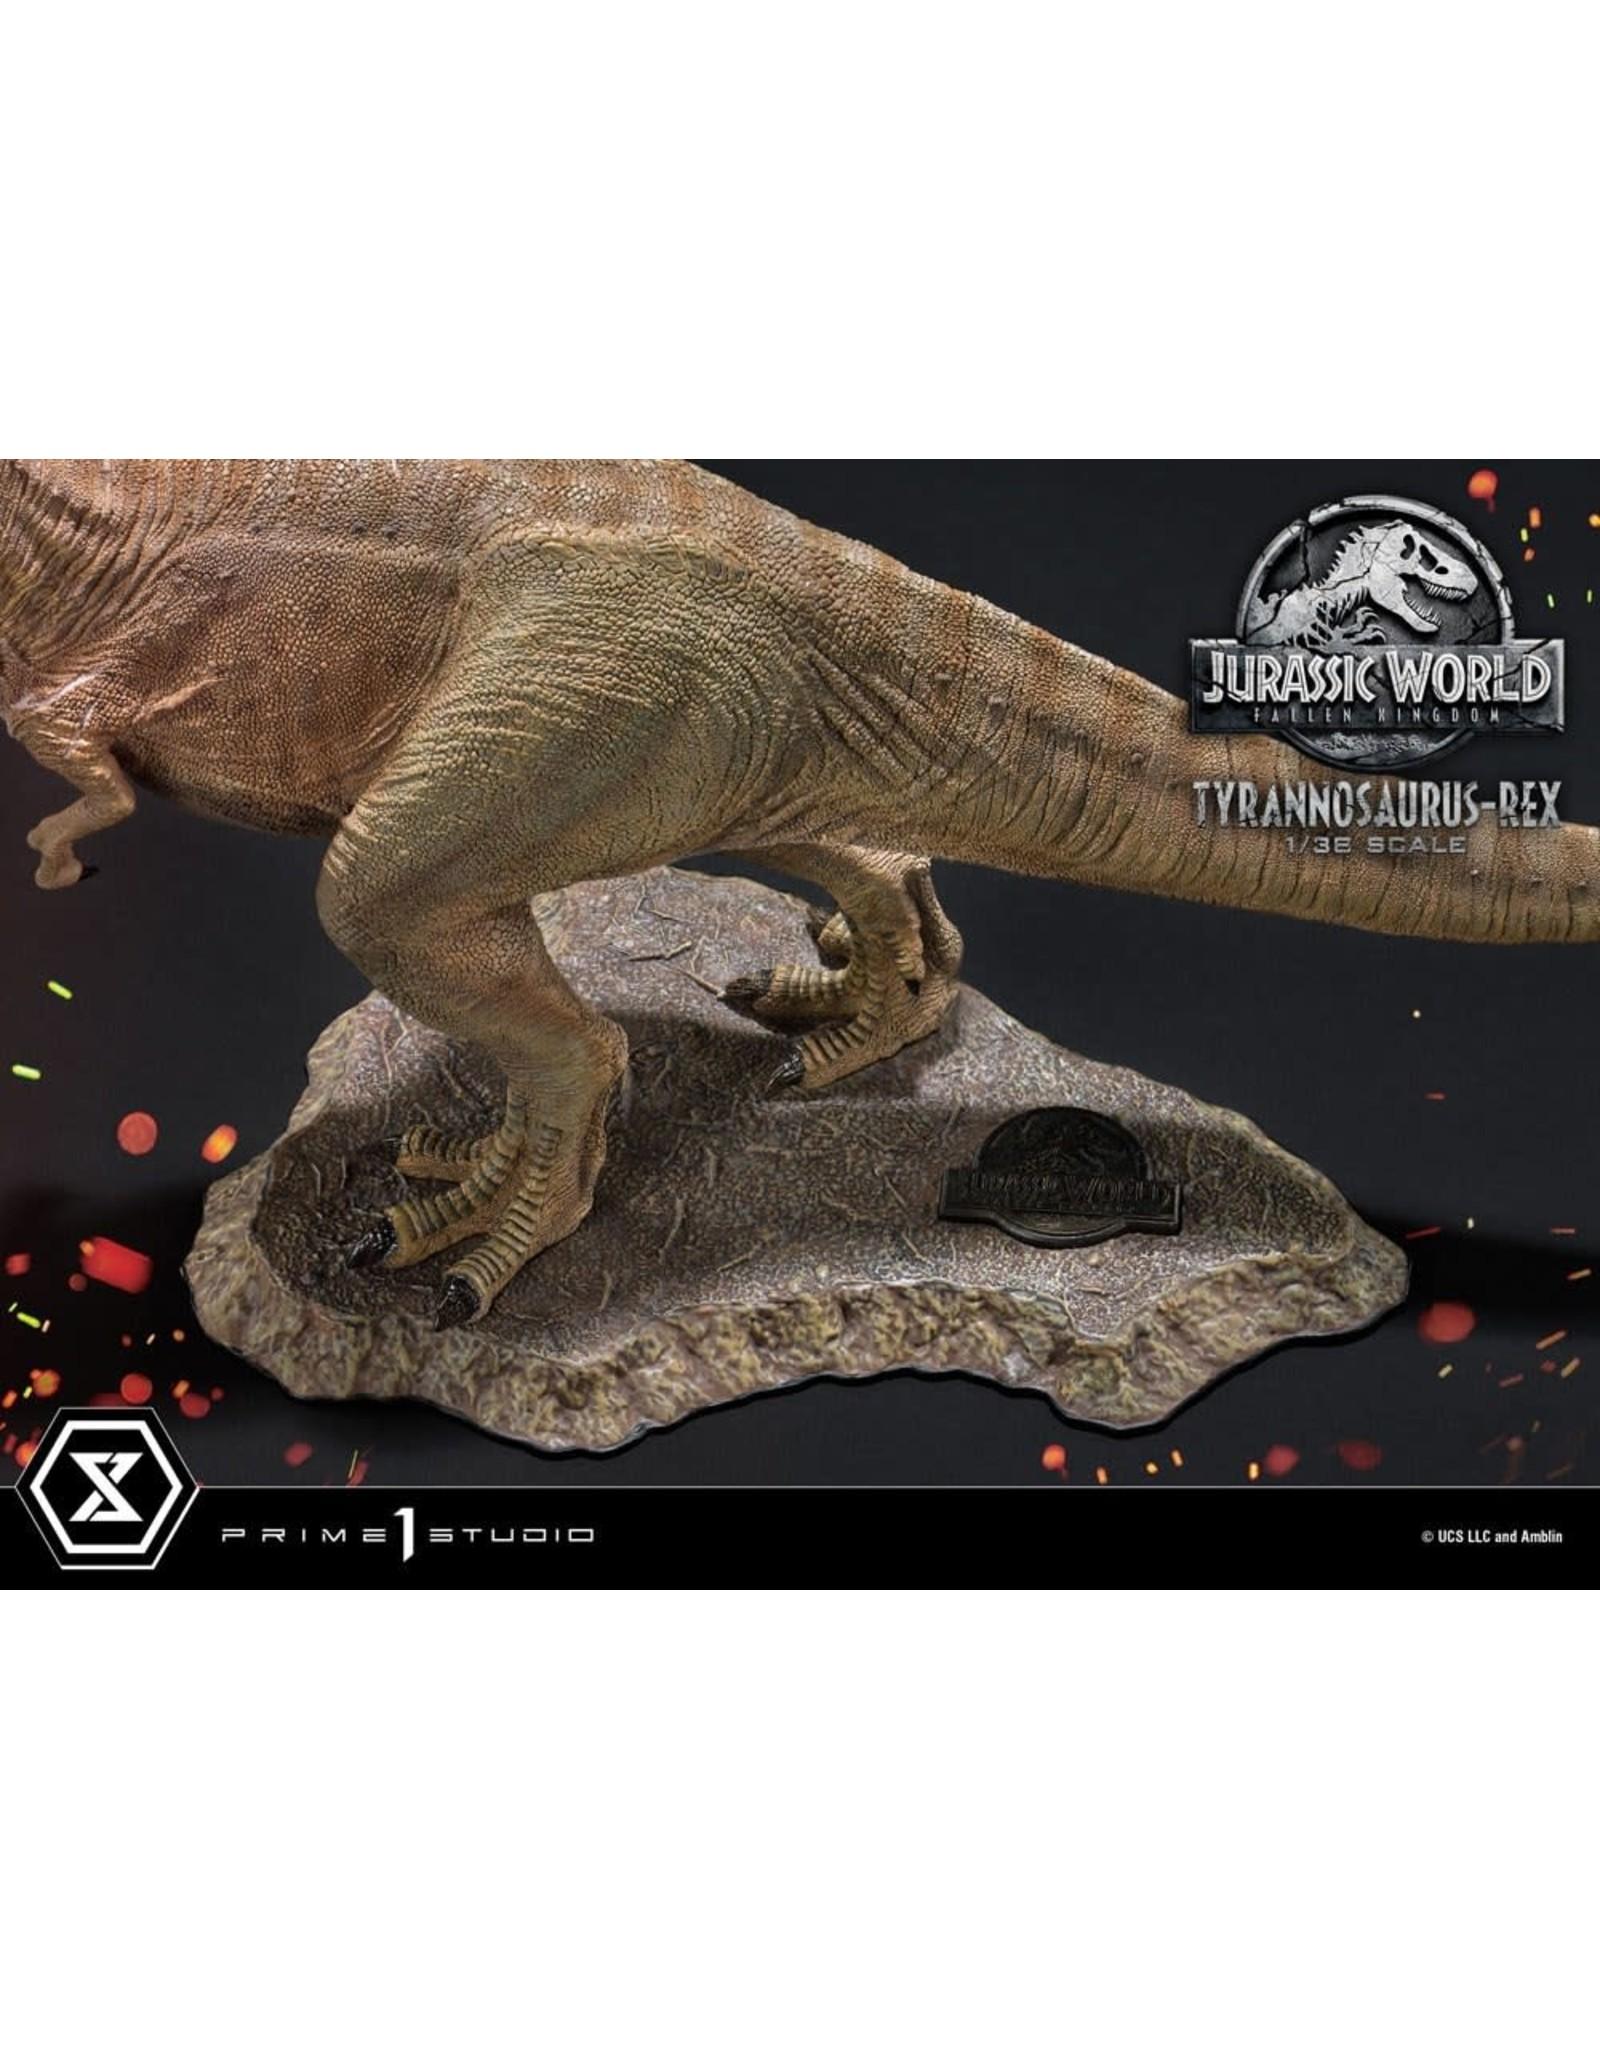 Prime 1 Studio JURASSIC WORLD: Fallen Kingdom Prime Collectibles PVC Statue 1/38 23cm - Tyrannosaurus-Rex